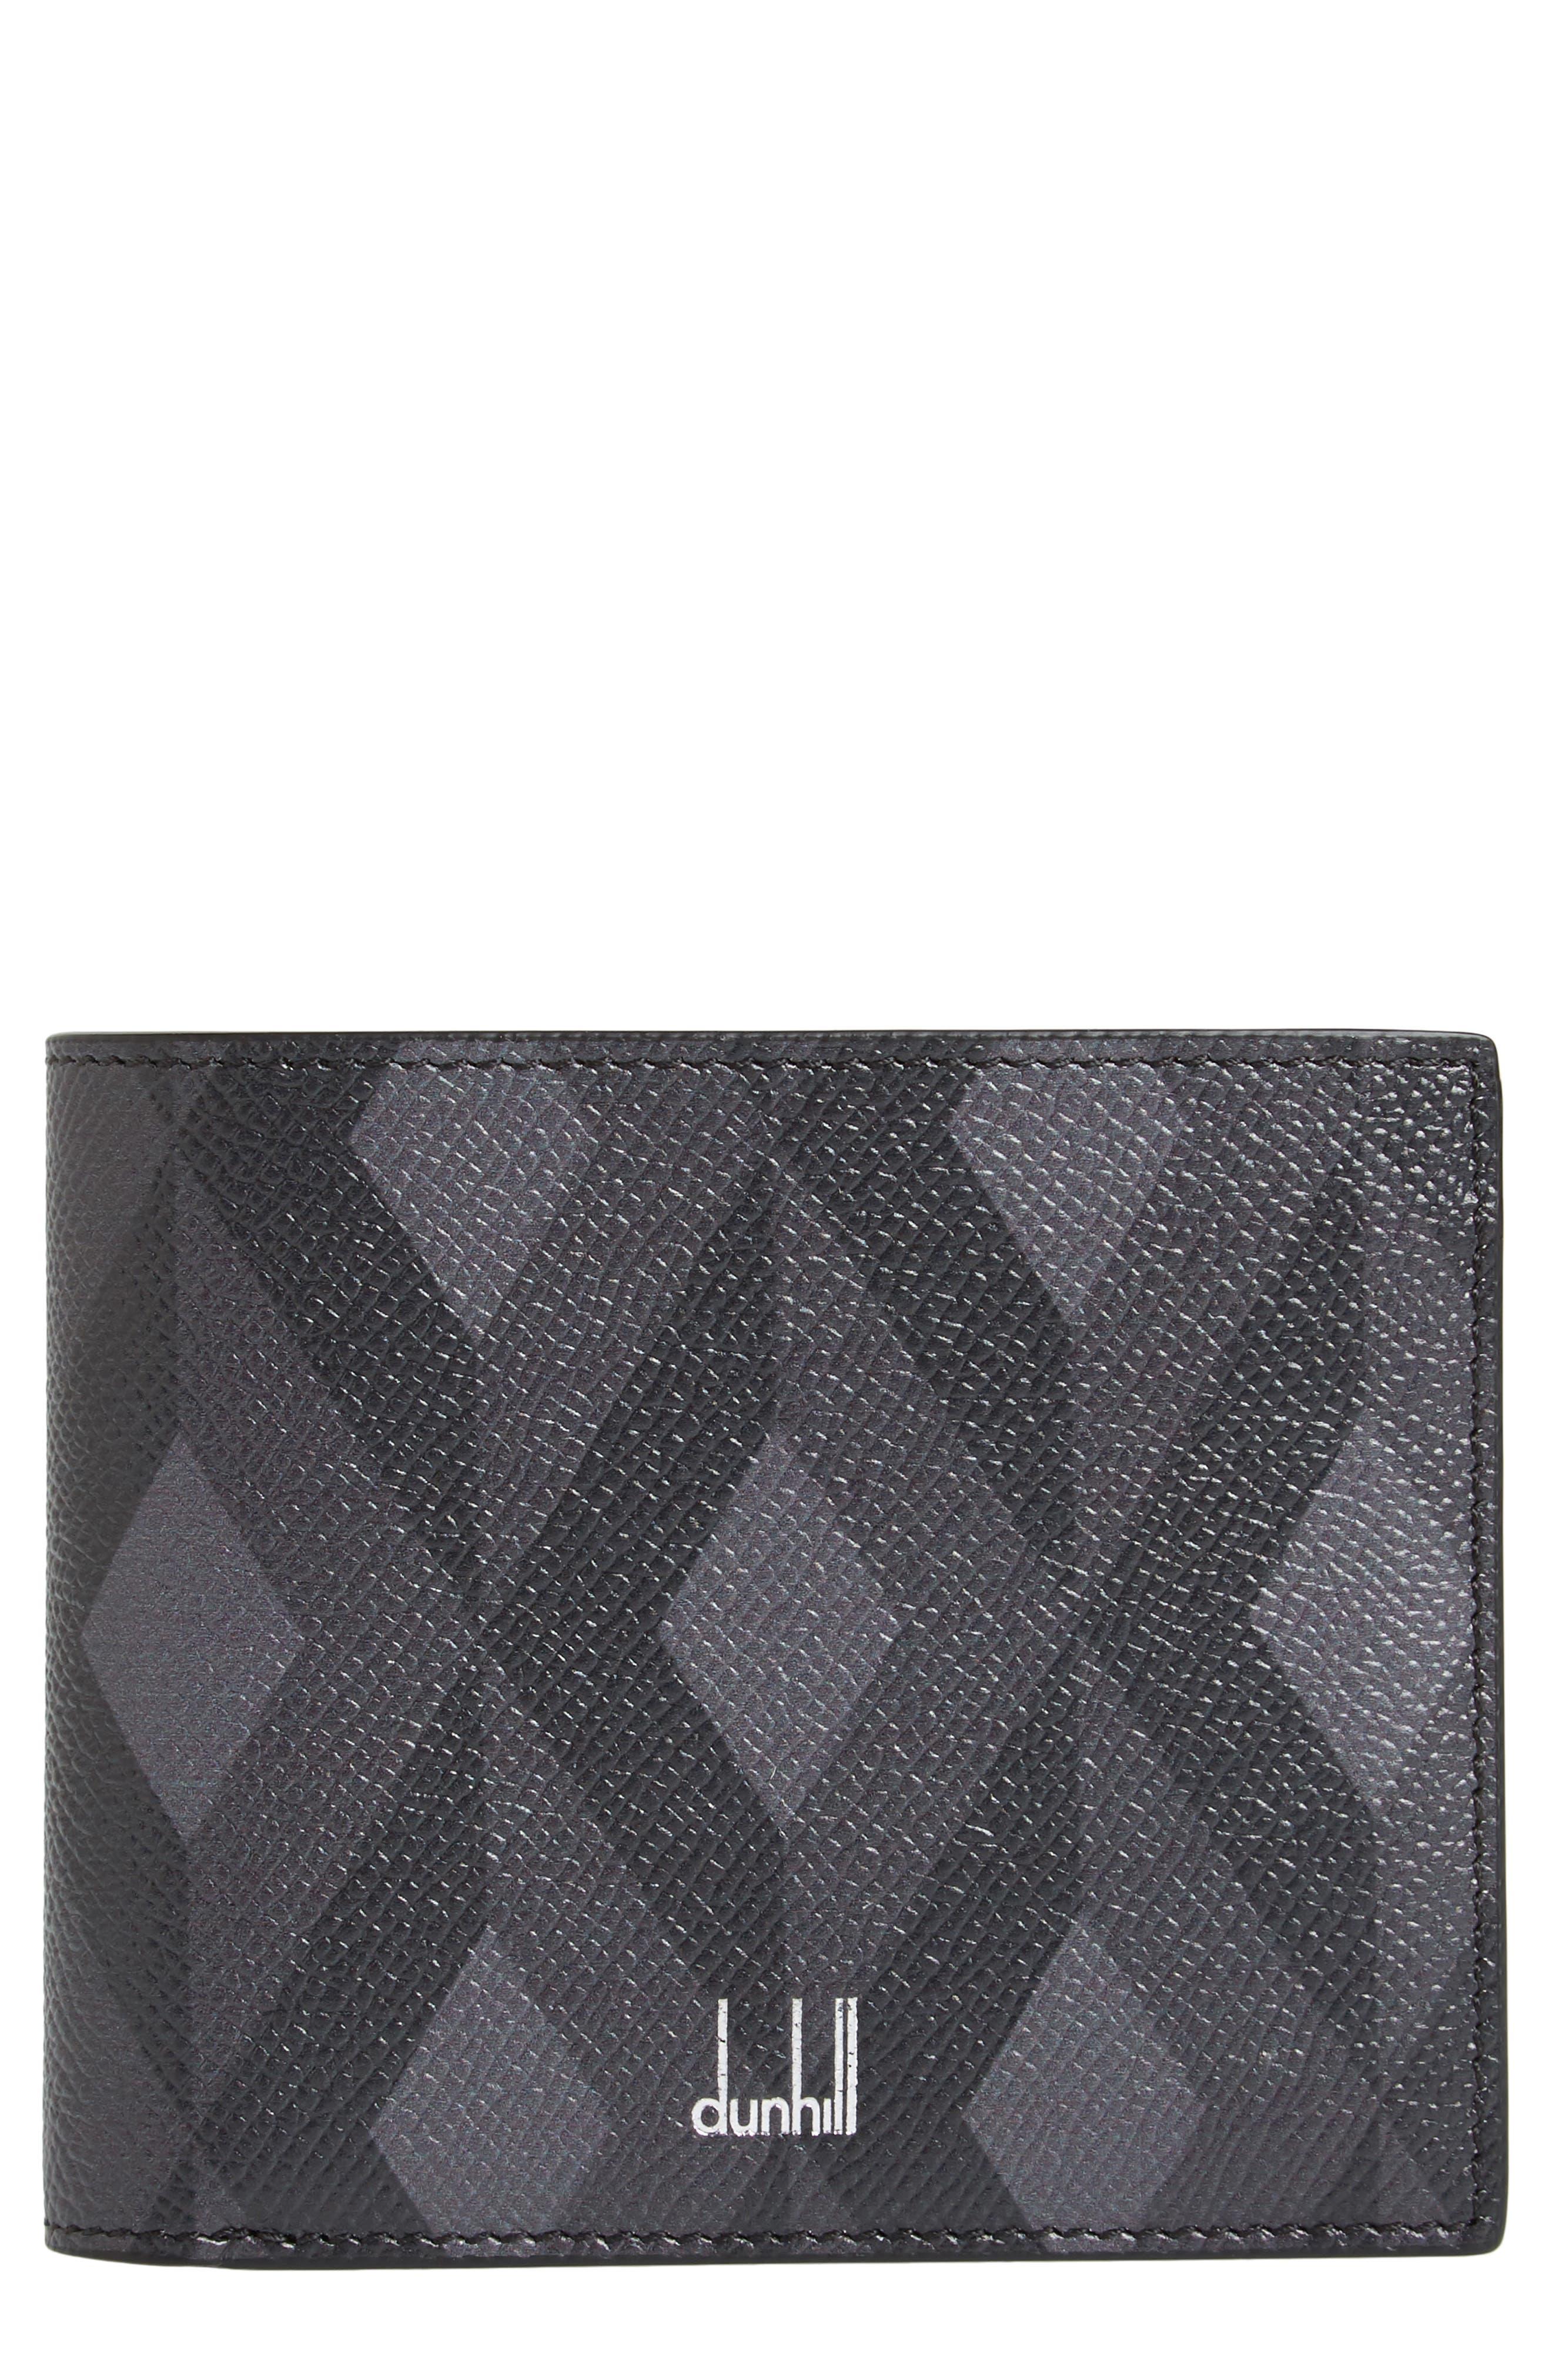 Cadogan Leather Wallet,                         Main,                         color, 020